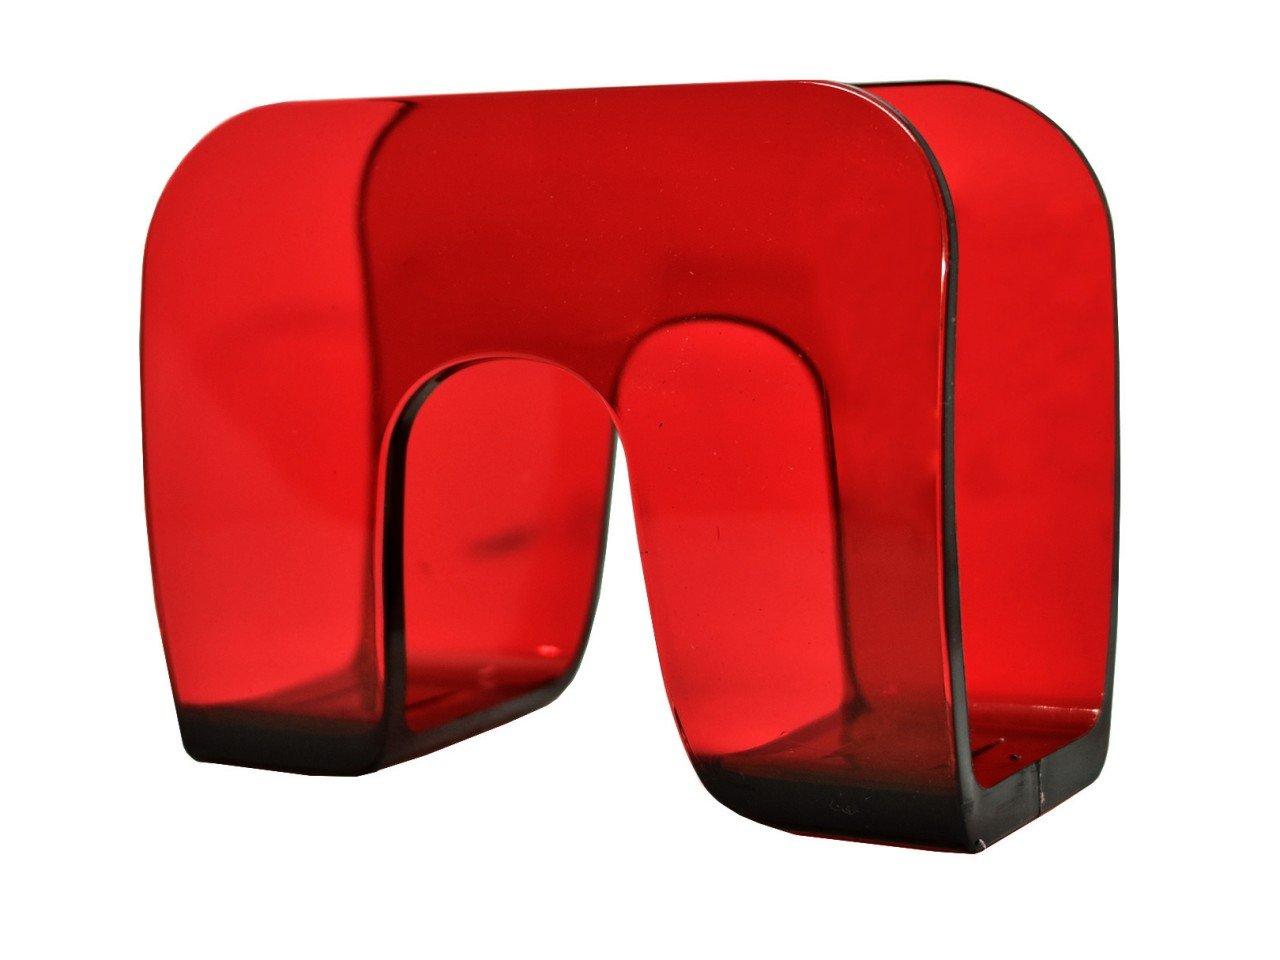 Servilletero de Acrílico color Rojo